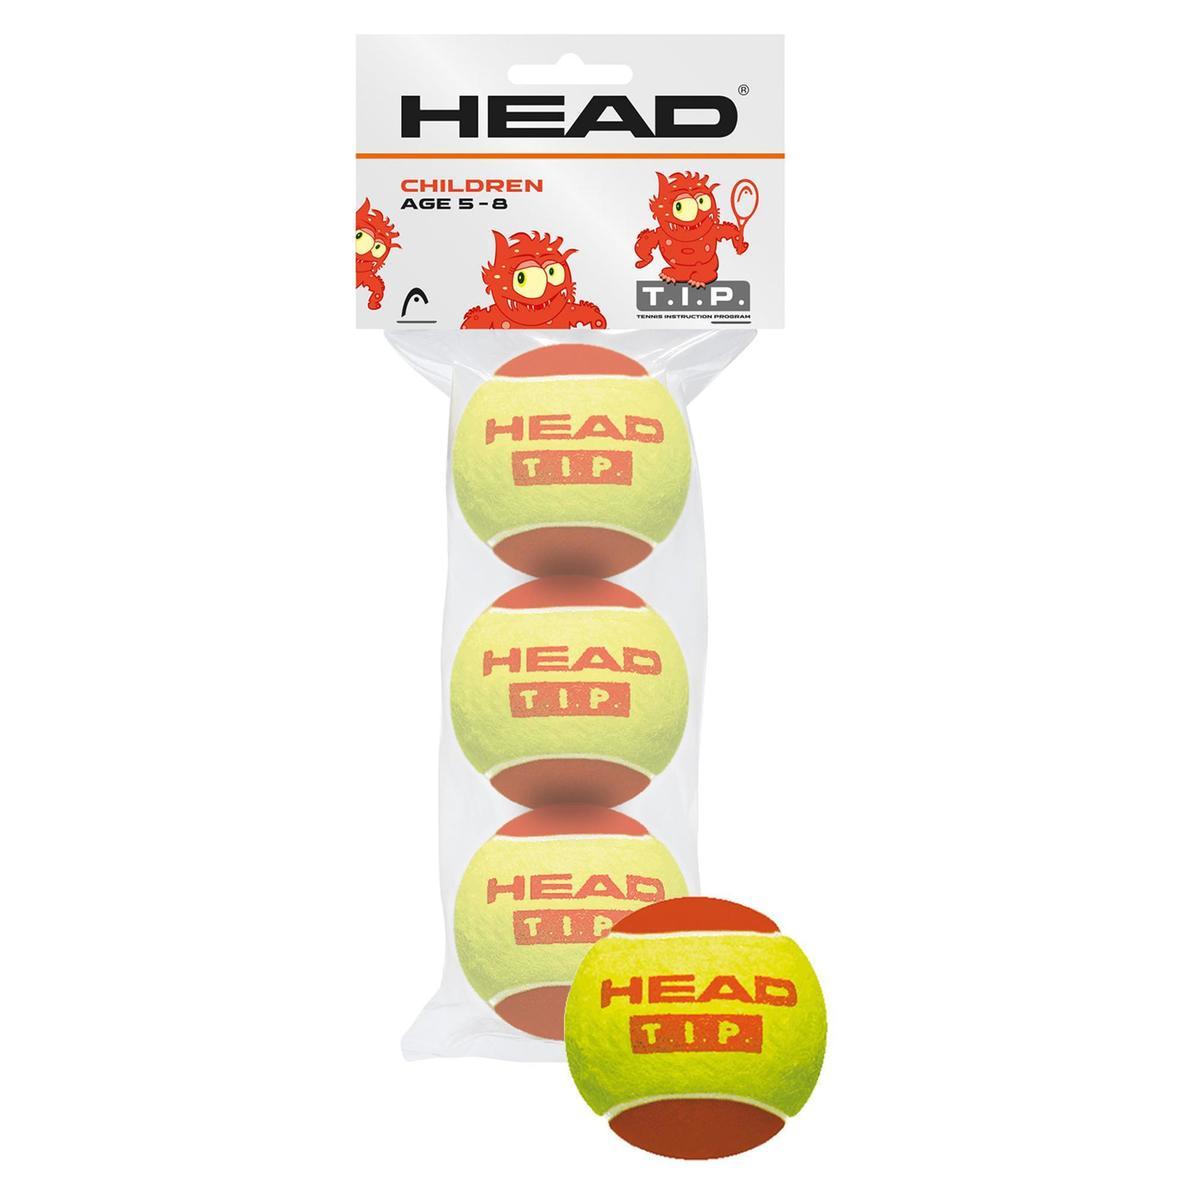 Bild 1 von Tennisball HEAD rot 3 Stück